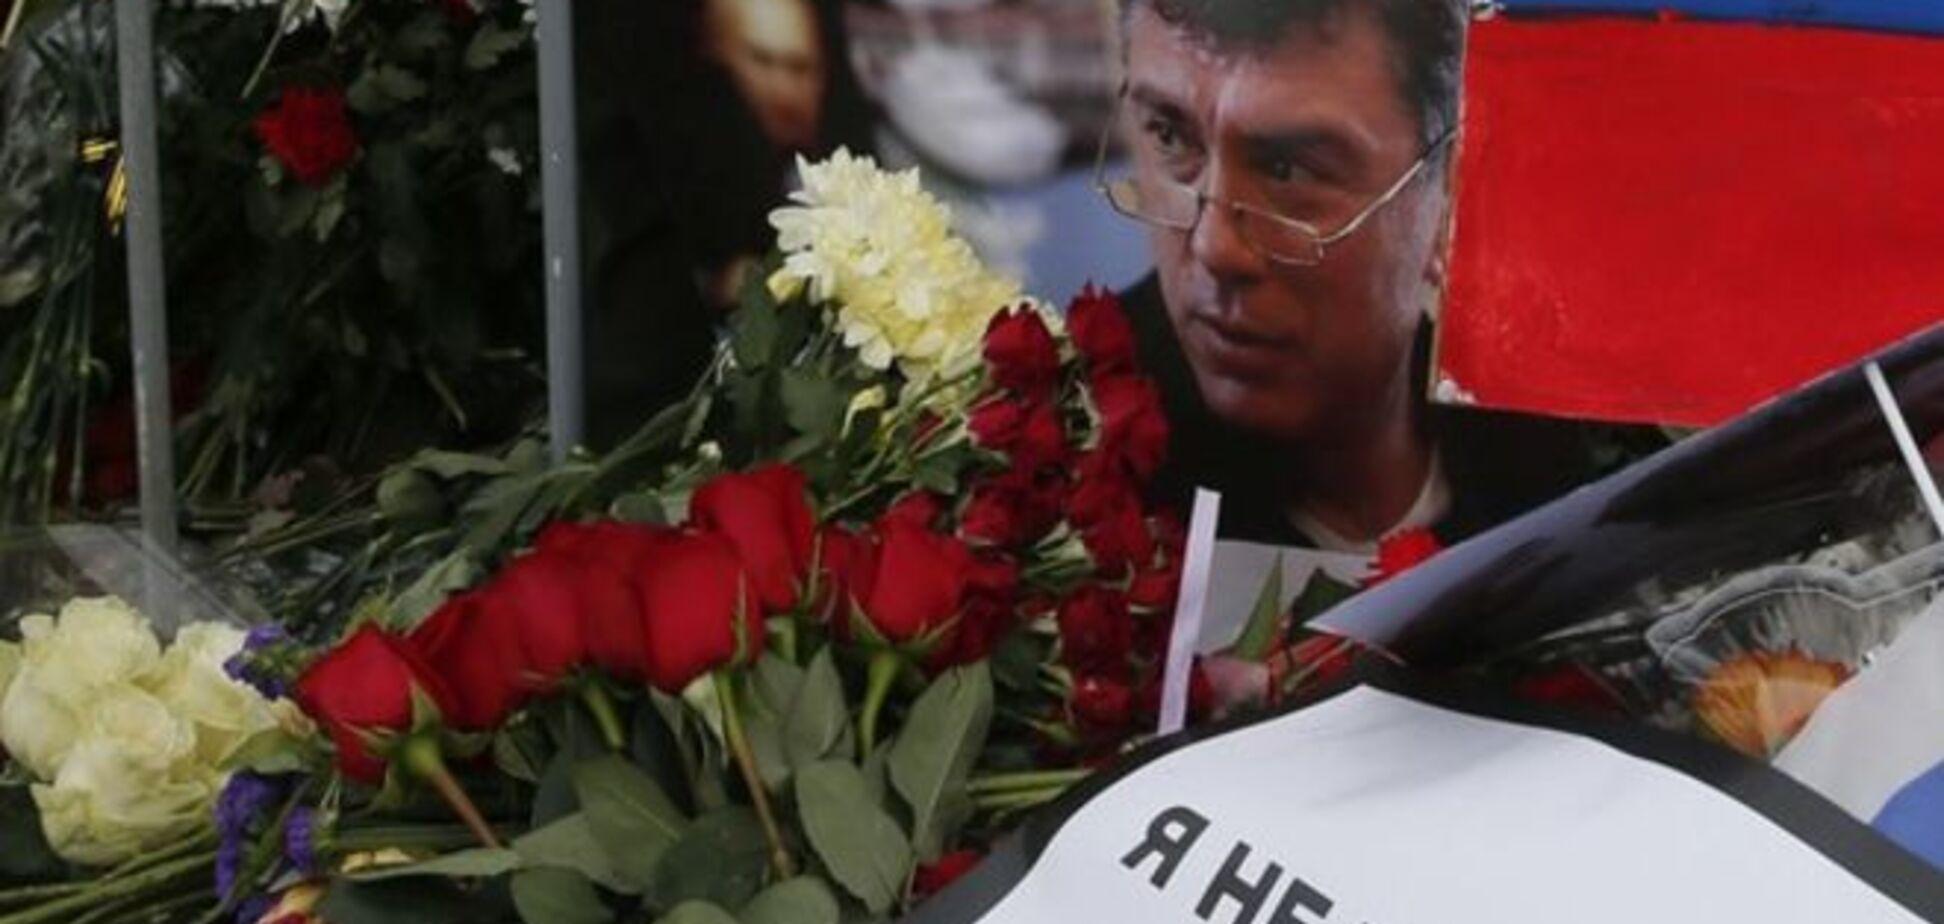 Убийство Немцова: в деле появилось пять фигурантов, суд просят об их аресте